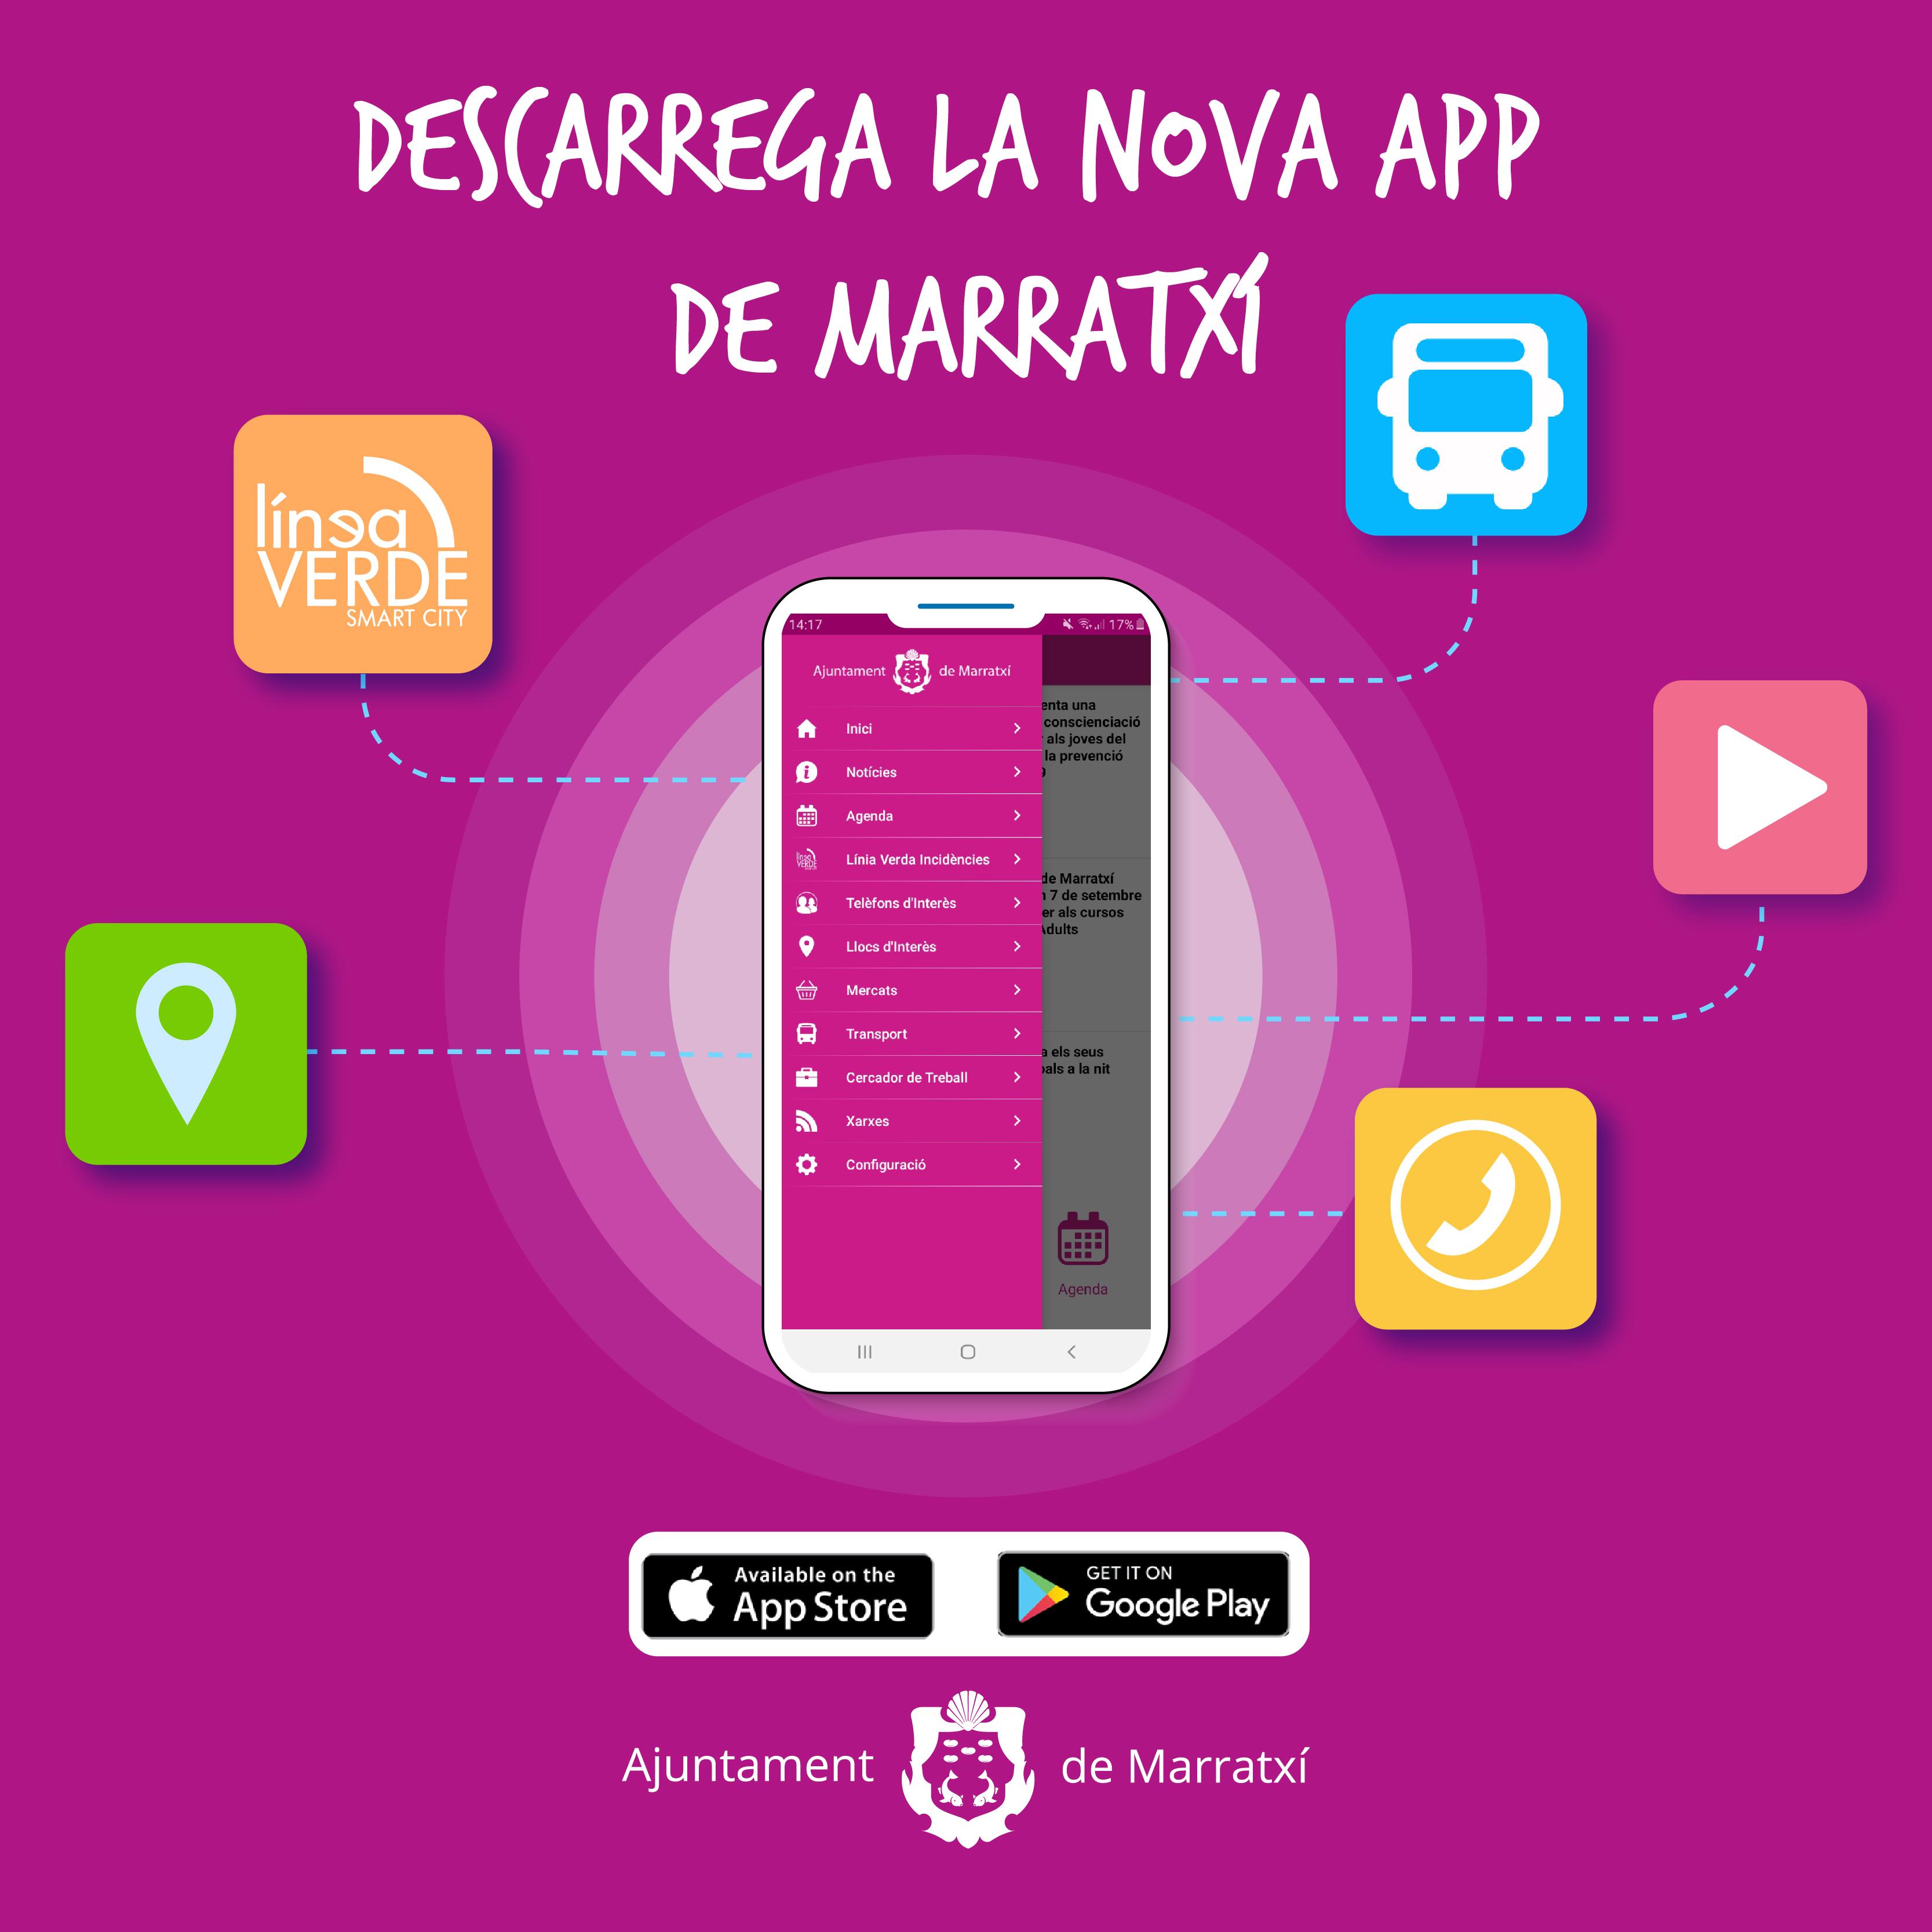 smartphone con app linia verda